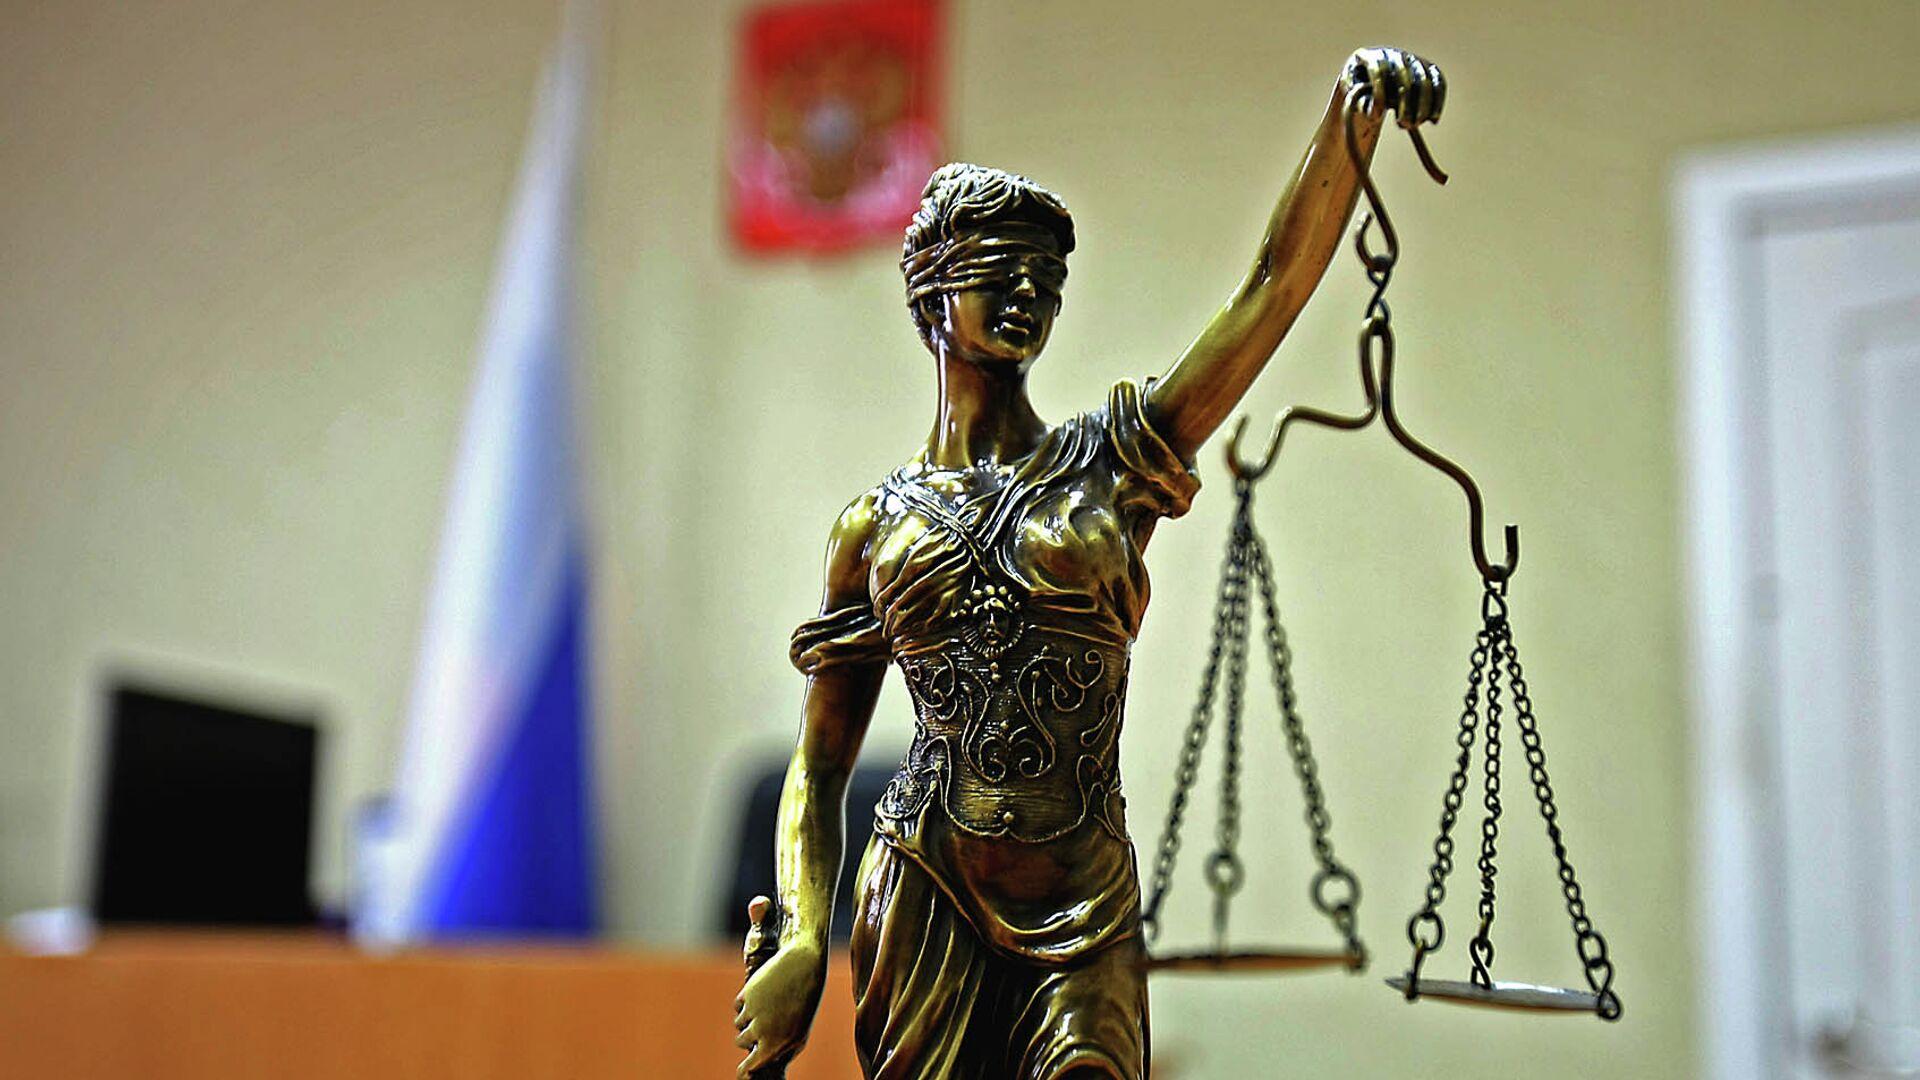 Статуэтка богини правосудия Фемиды в зале суда  - РИА Новости, 1920, 23.03.2021